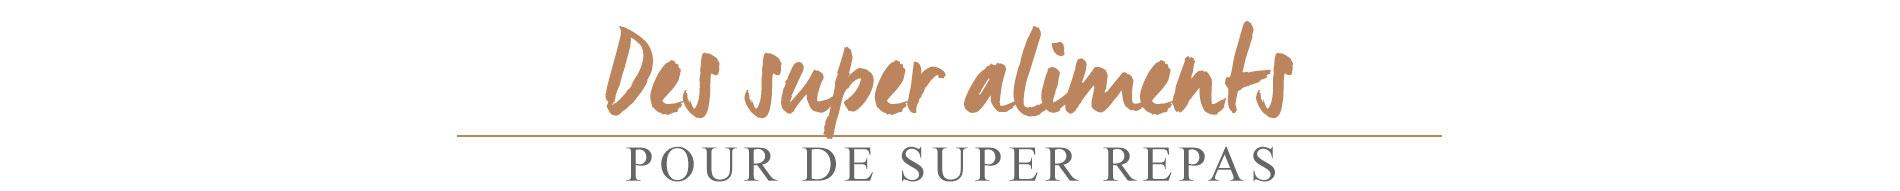 super aliments, des super aliments pour de super repas